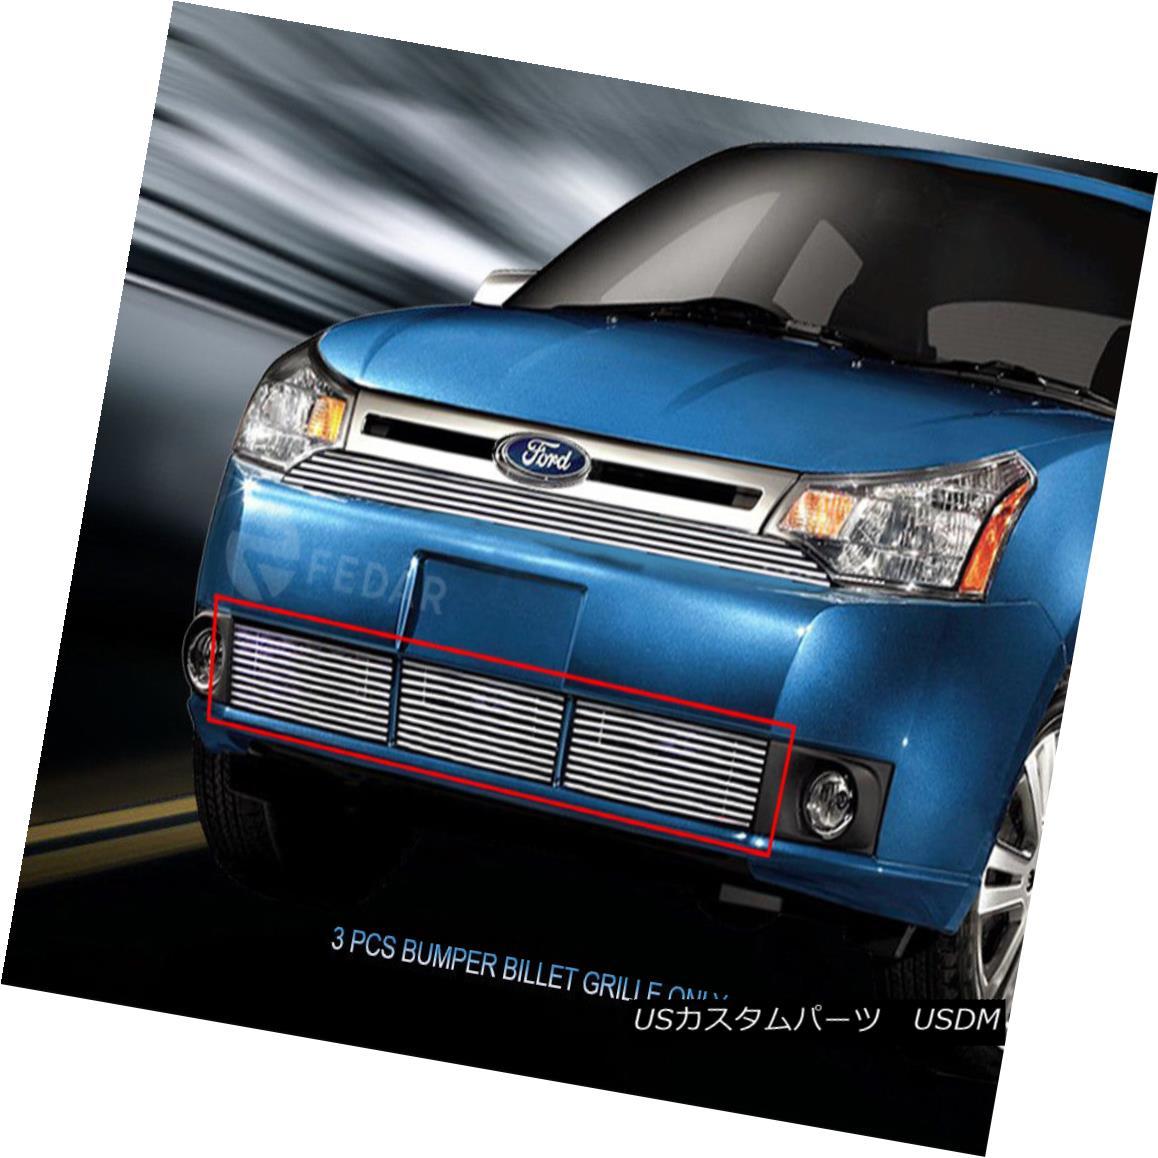 グリル Fits 2008 2009 2010 2011 Ford Focus Sedan Billet Grille Bumper Insert Fedar フィット2008年2009 2010 2011フォードフォーカスセダンビレットグリルバンパーインサートFedar